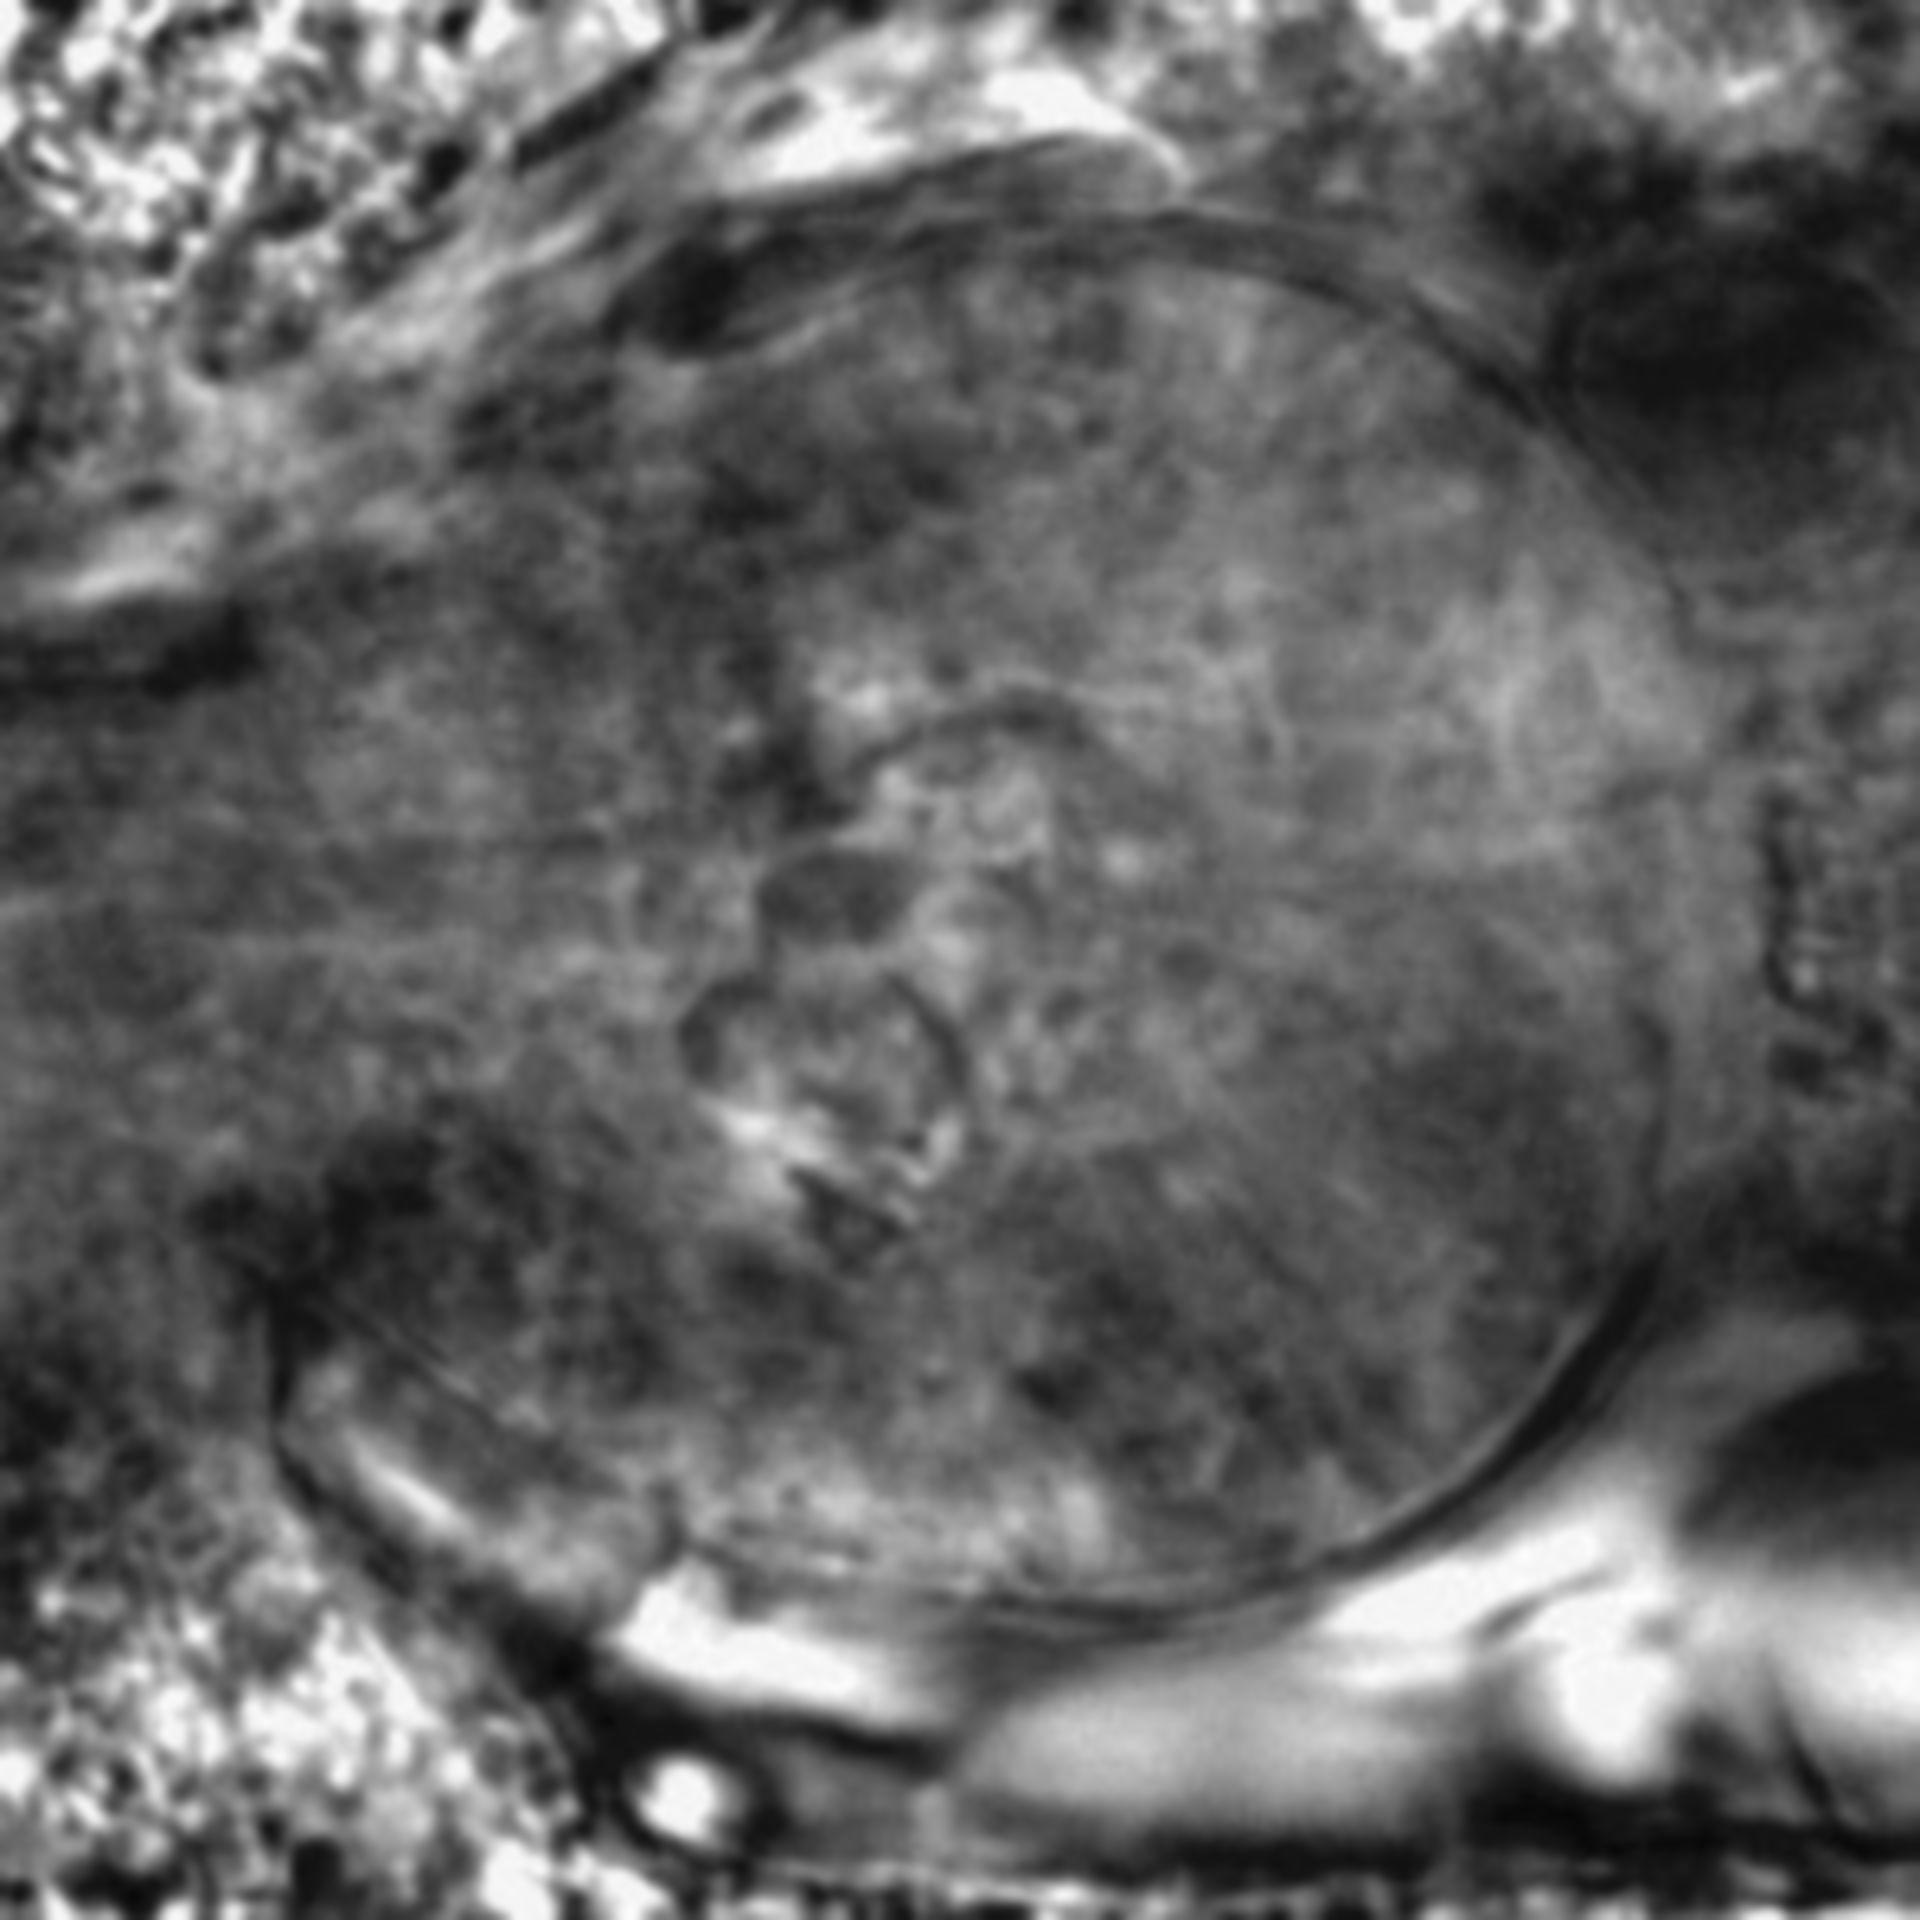 Caenorhabditis elegans - CIL:2228